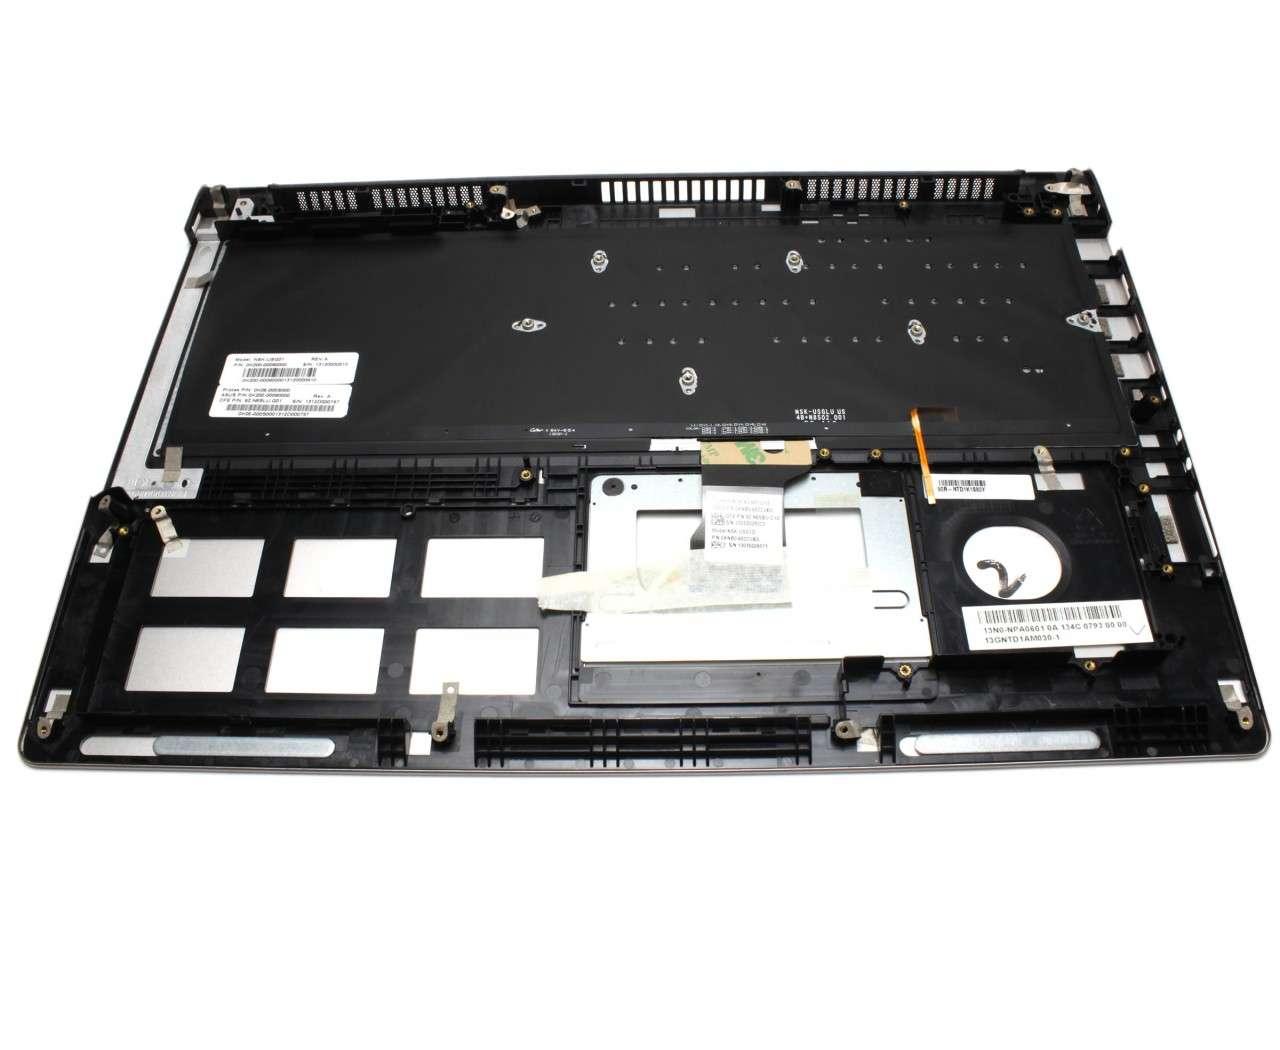 Tastatura Asus NSK-USGLU neagra cu Palmrest argintiu iluminata backlit imagine powerlaptop.ro 2021